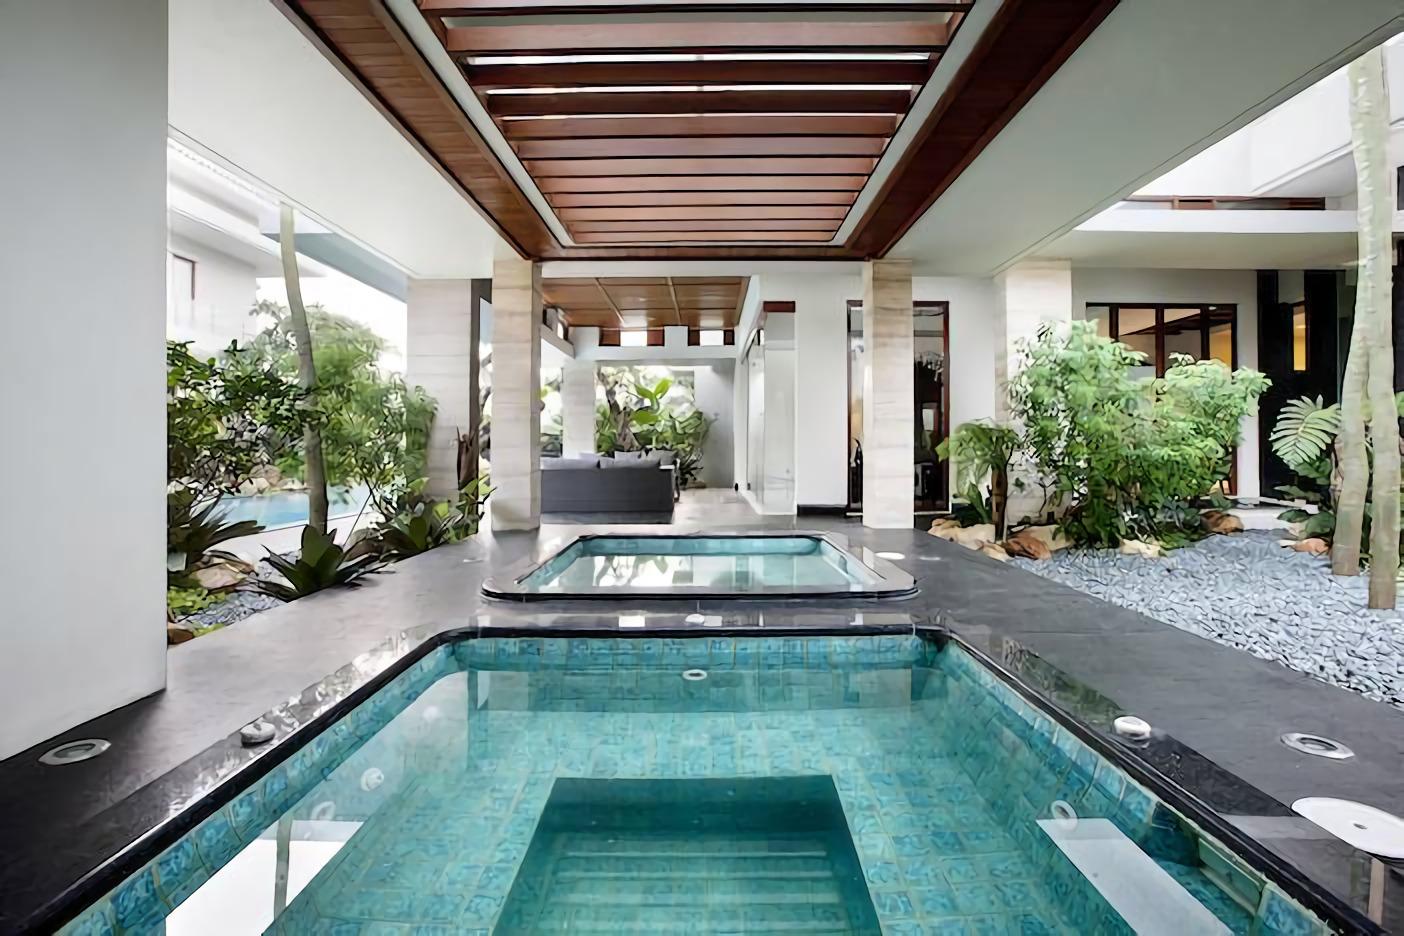 8 Desain Rumah Mewah Dengan Interior Garden Yang Mempesona